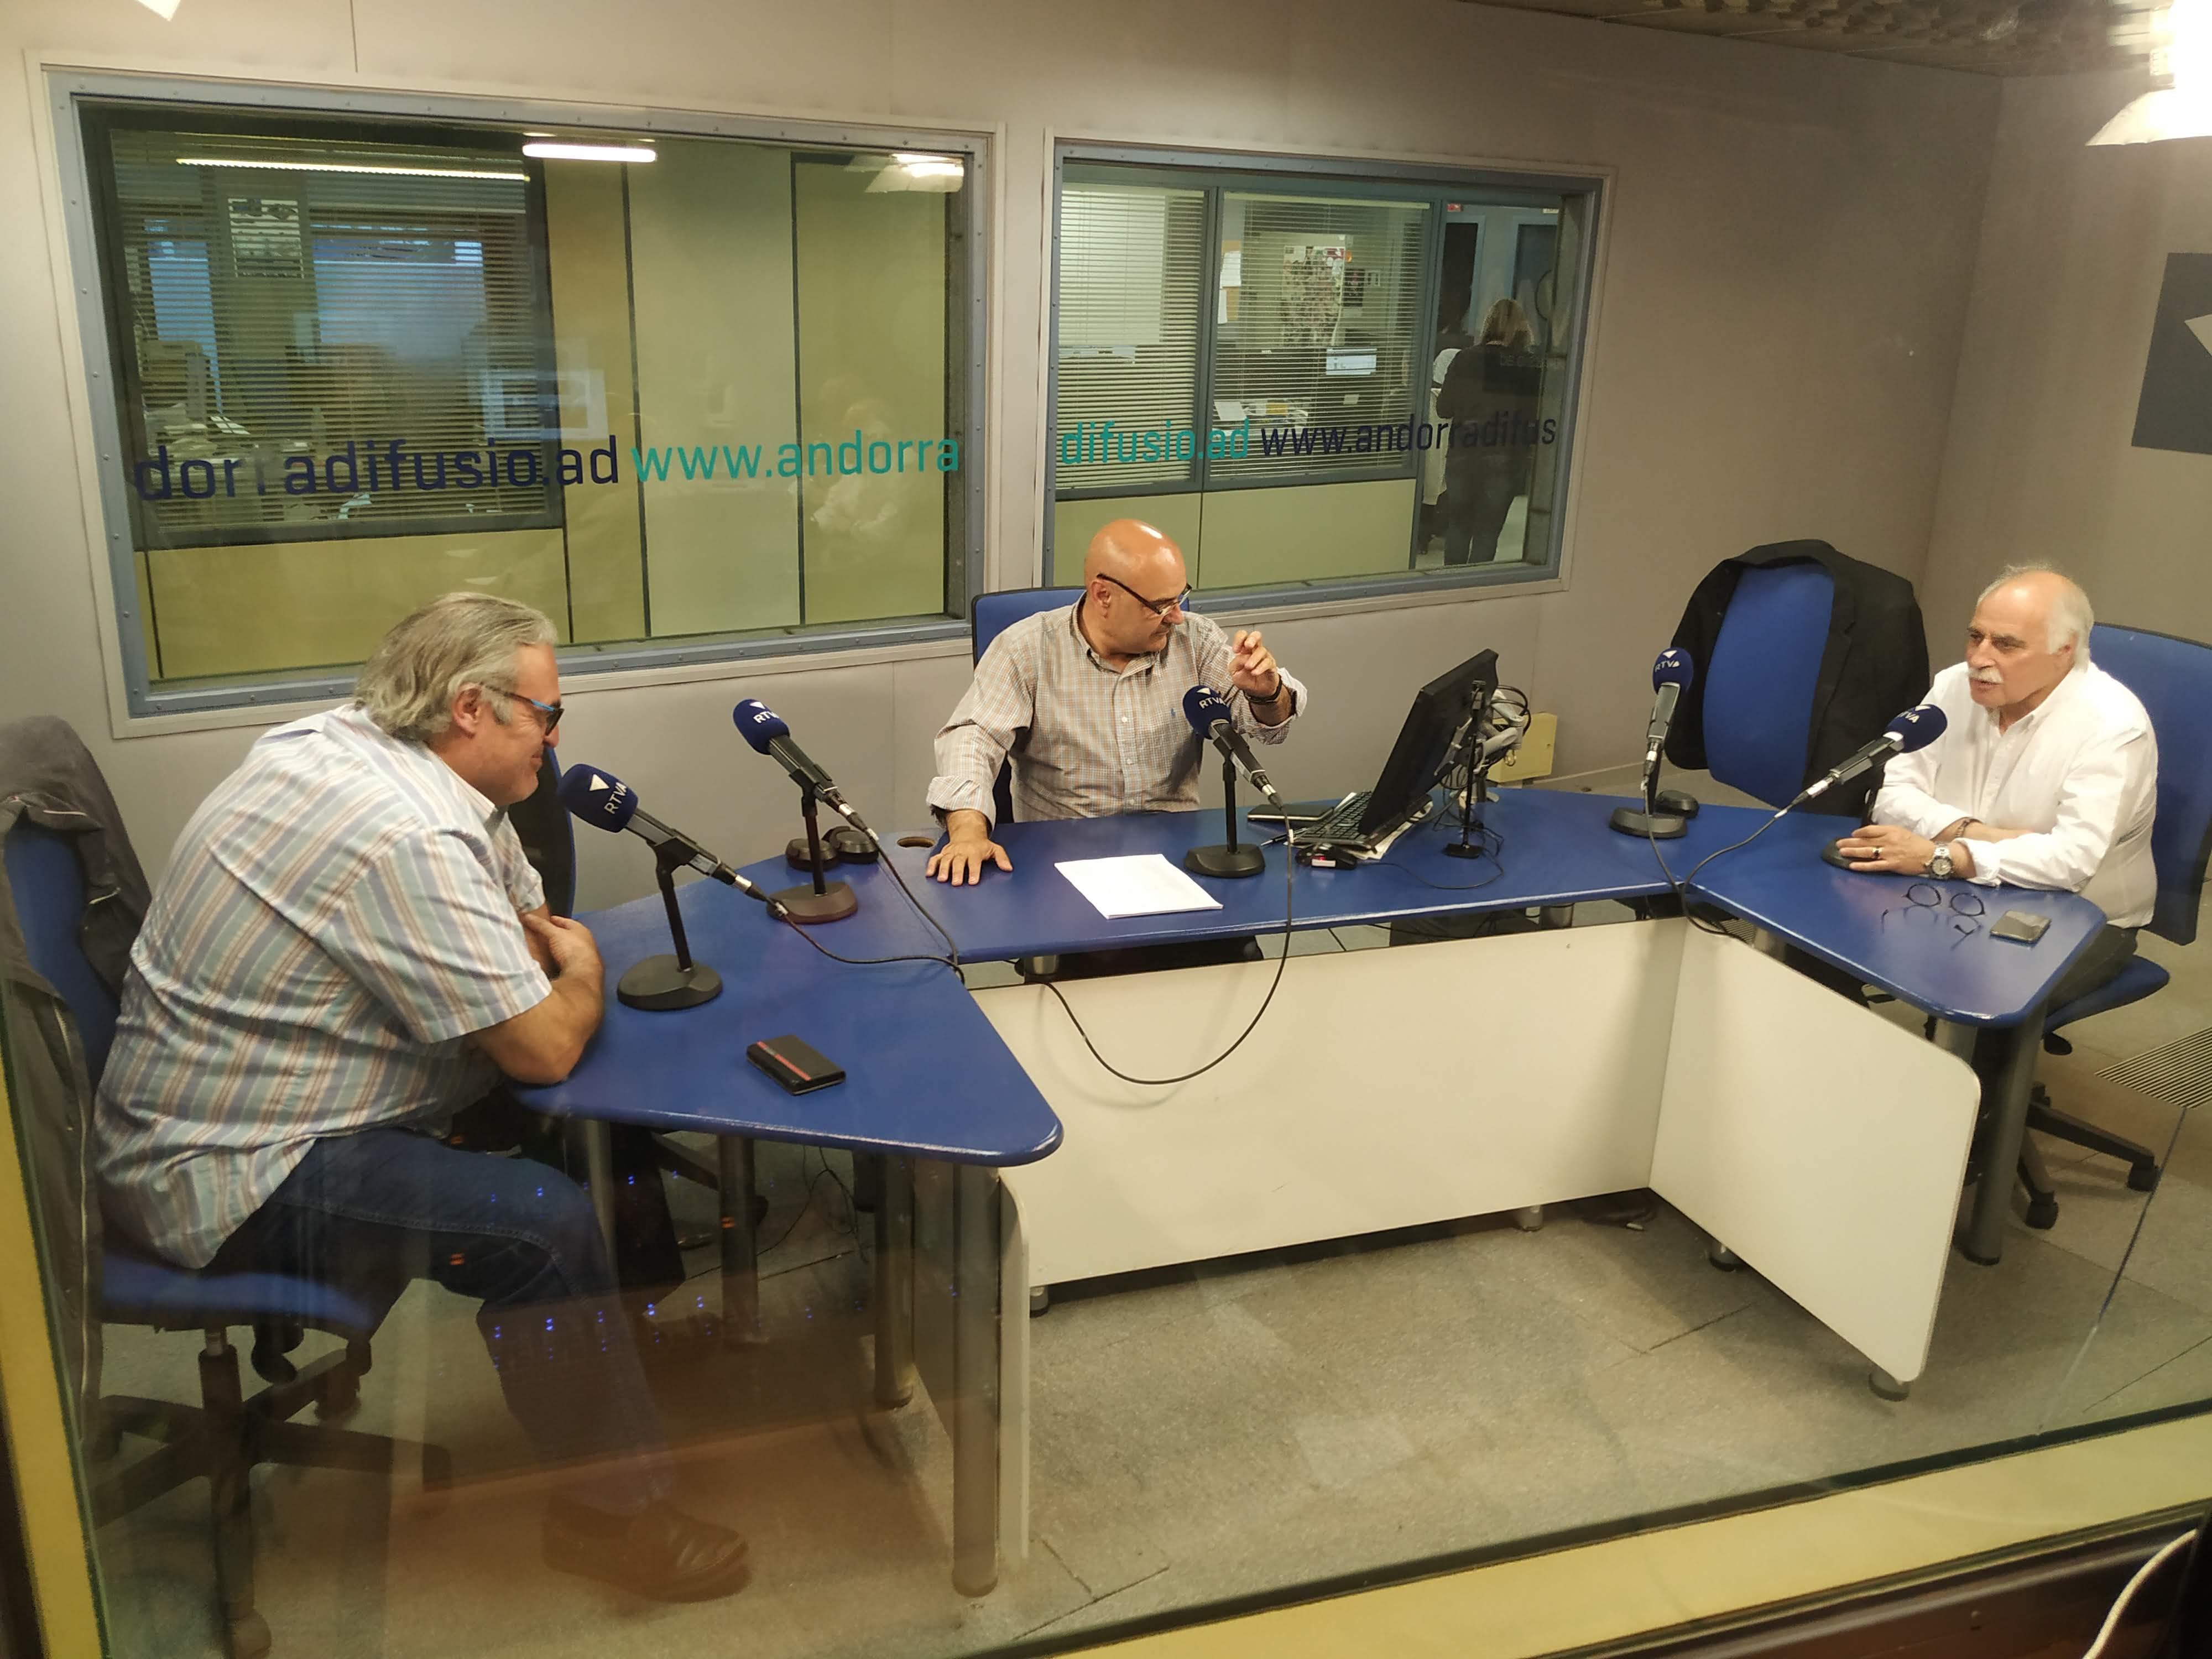 Tertúlia amb Jacint Risco i Eduard López 18 de juny del 2019